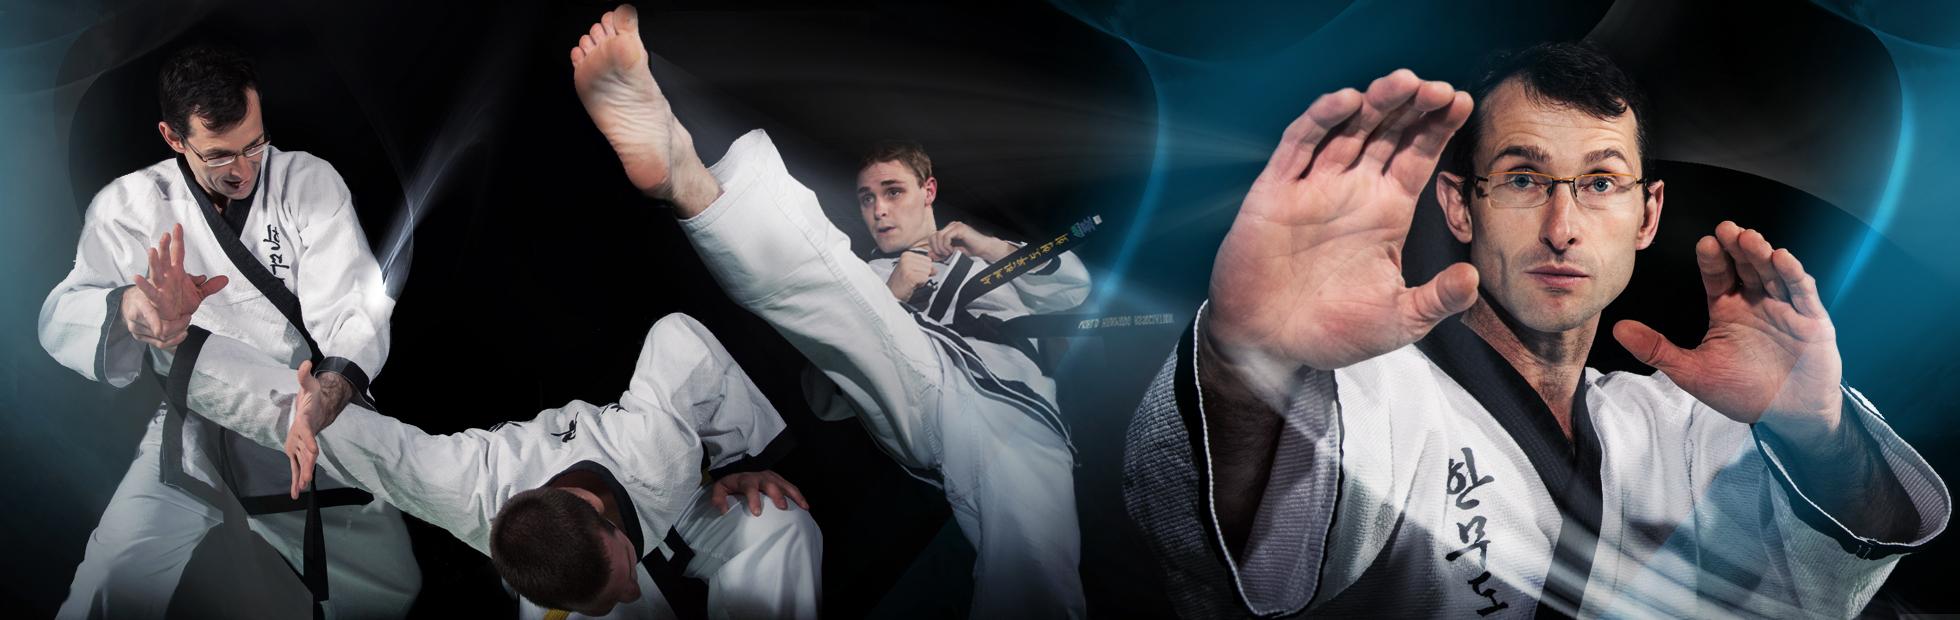 Taekwondo & Hanmudo